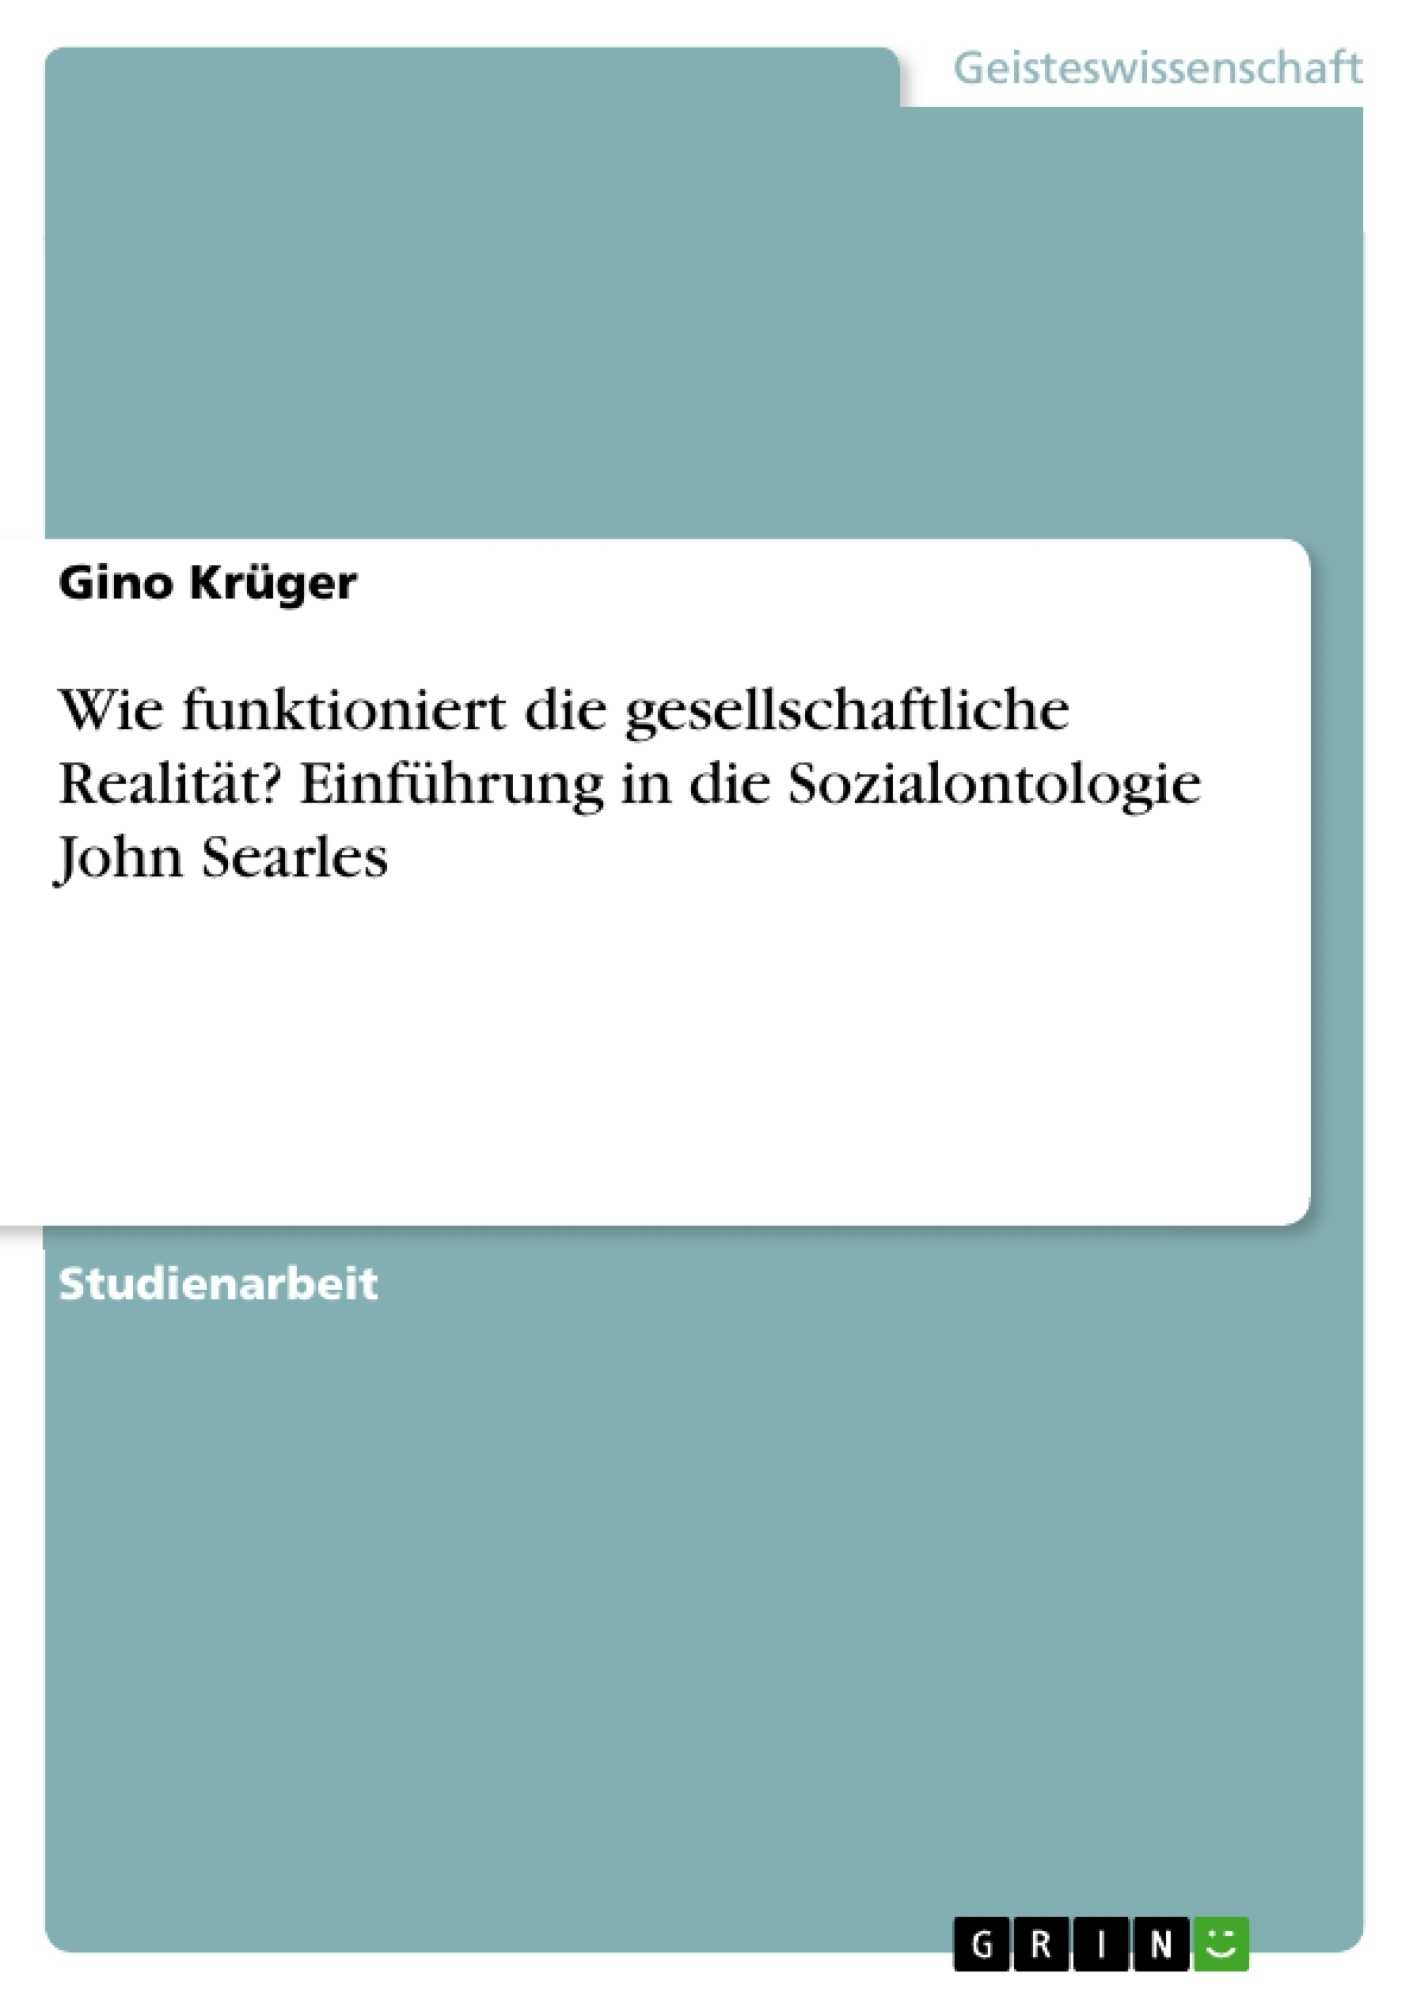 Titel: Wie funktioniert die gesellschaftliche Realität? Einführung in die Sozialontologie John Searles